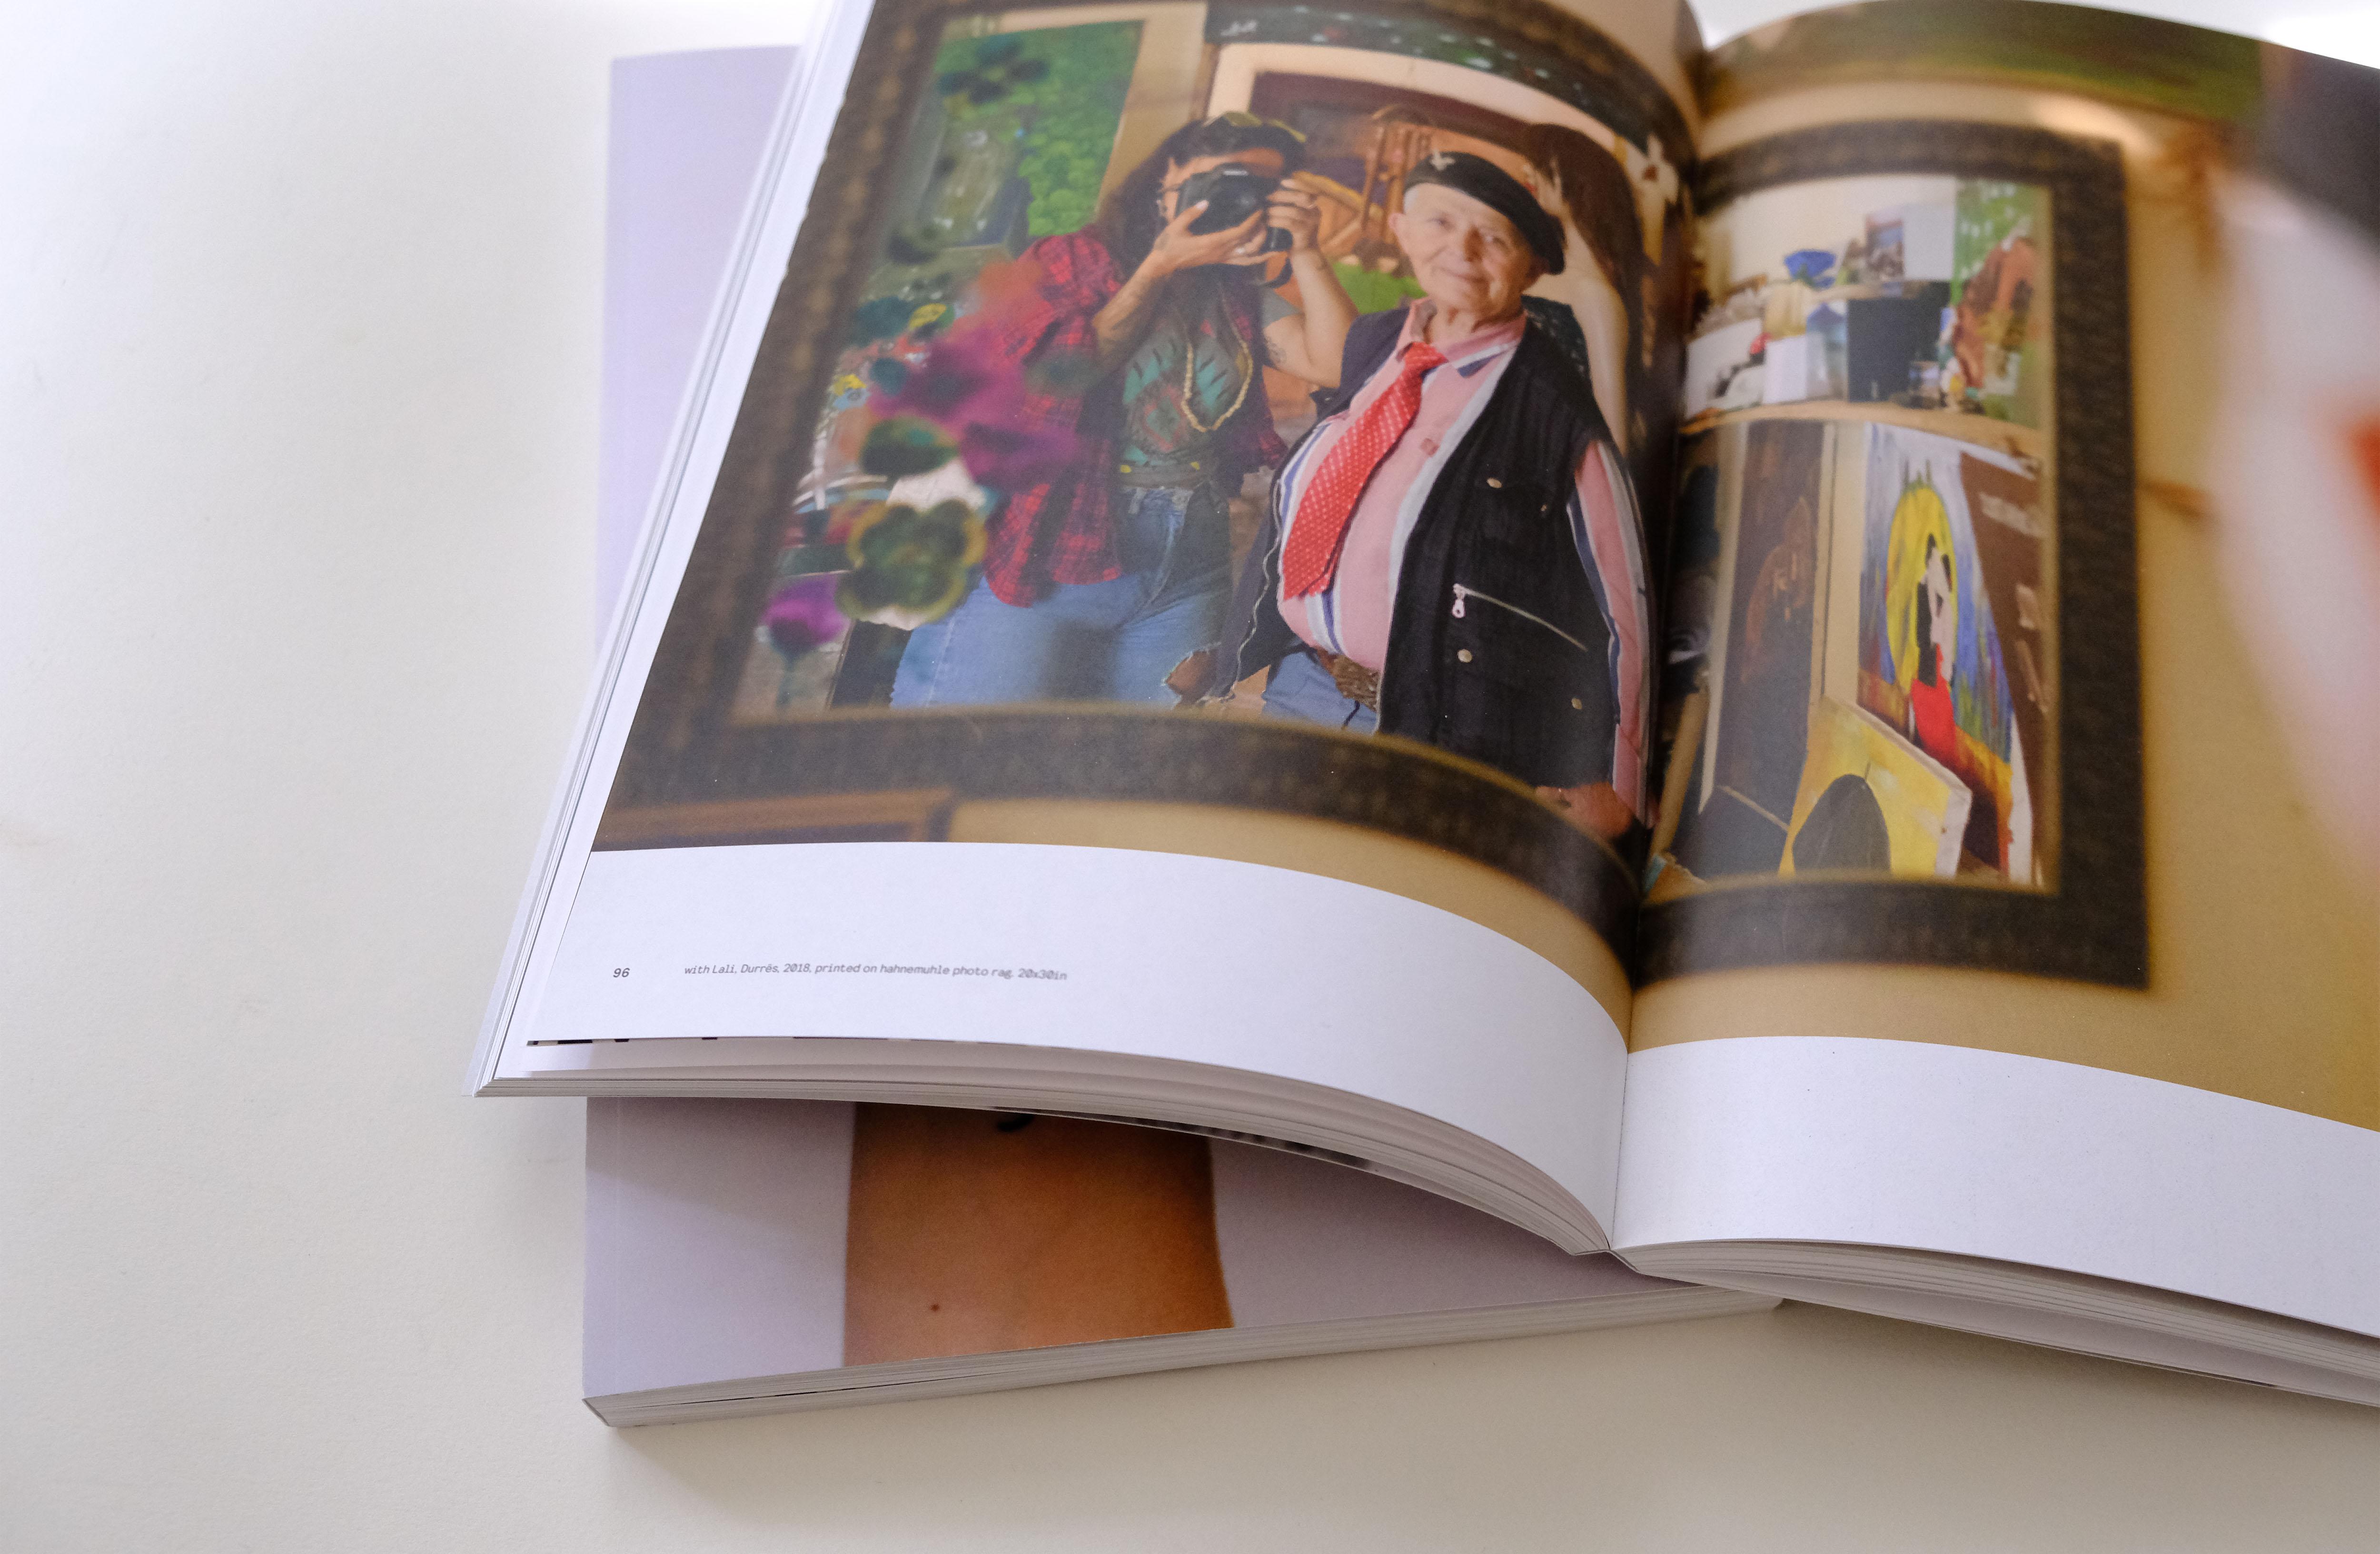 hamerika_book_shots_0014_DSCF0374